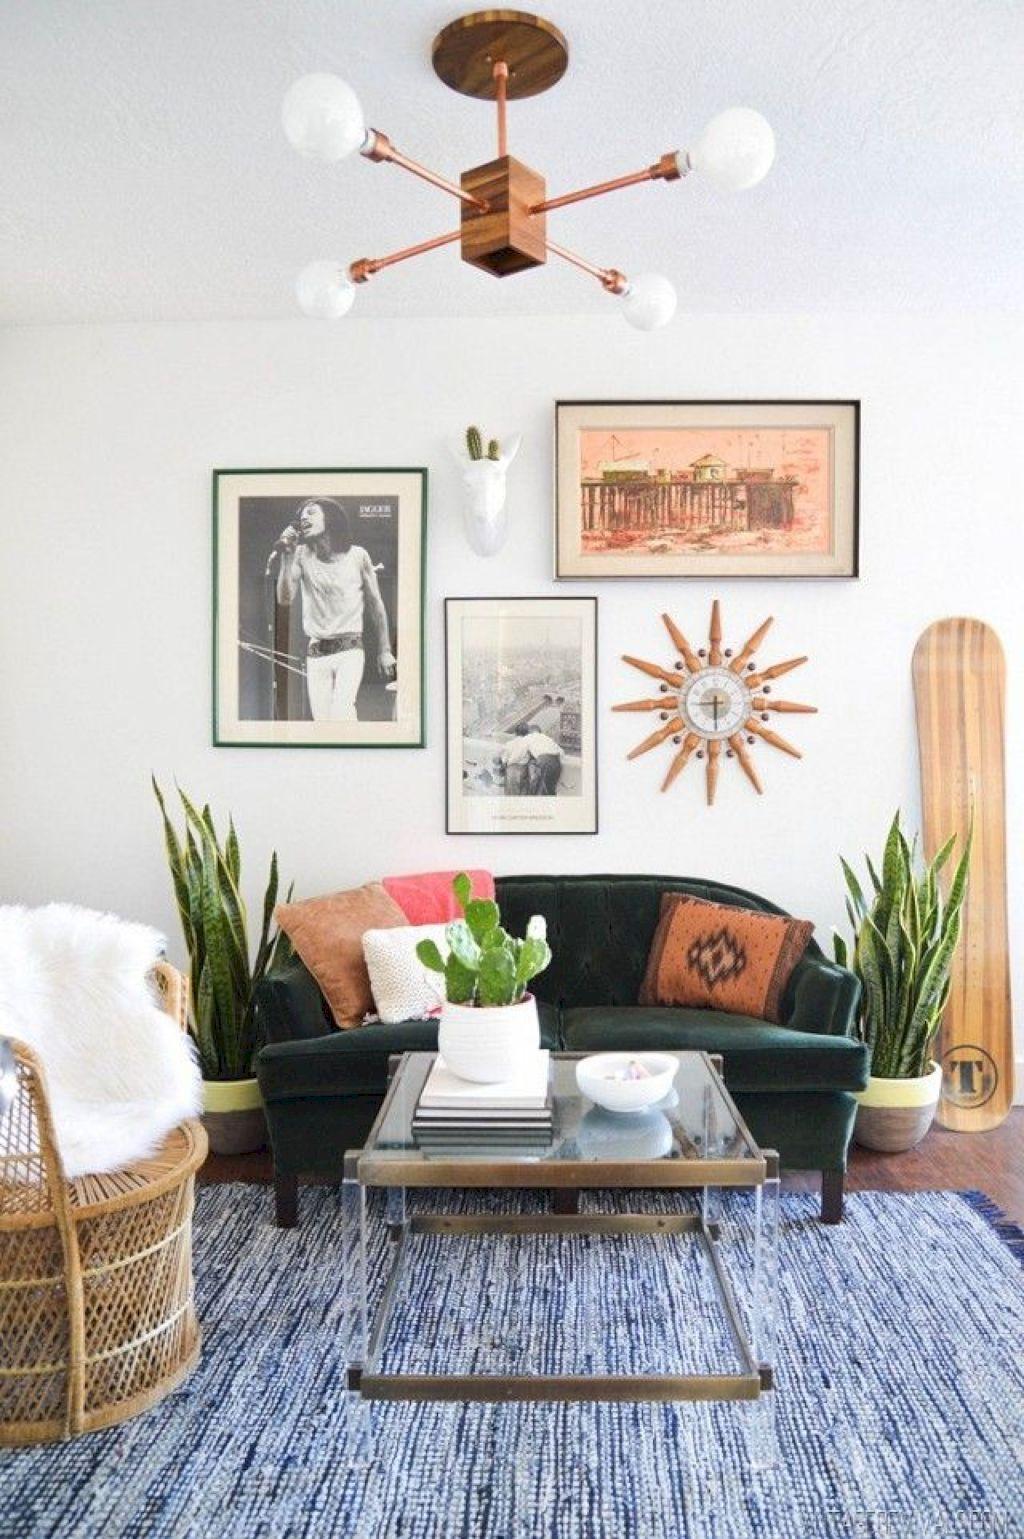 Cool 55 Fancy Bohemian Style Living Room Decor Ideas Https Bellezaroom